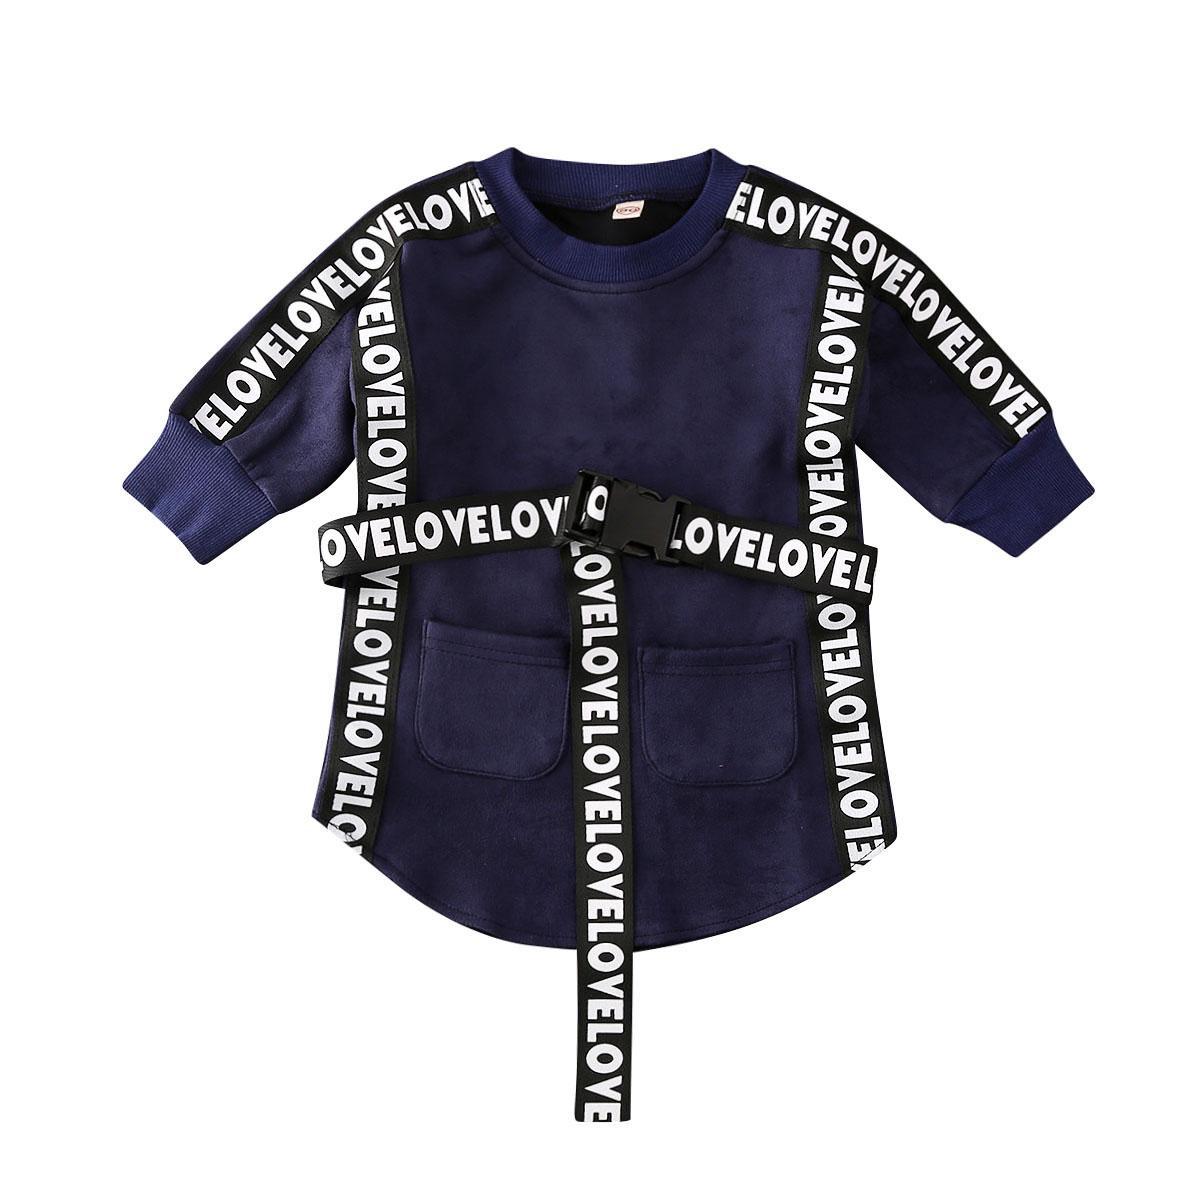 Imcute 2020 Kinder Baby-Kleidung Langarm-Sweatshirt Gerade Kleid mit Gürtel Herbst Säuglingskleinkind-Freizeit-Outfits 1-5T